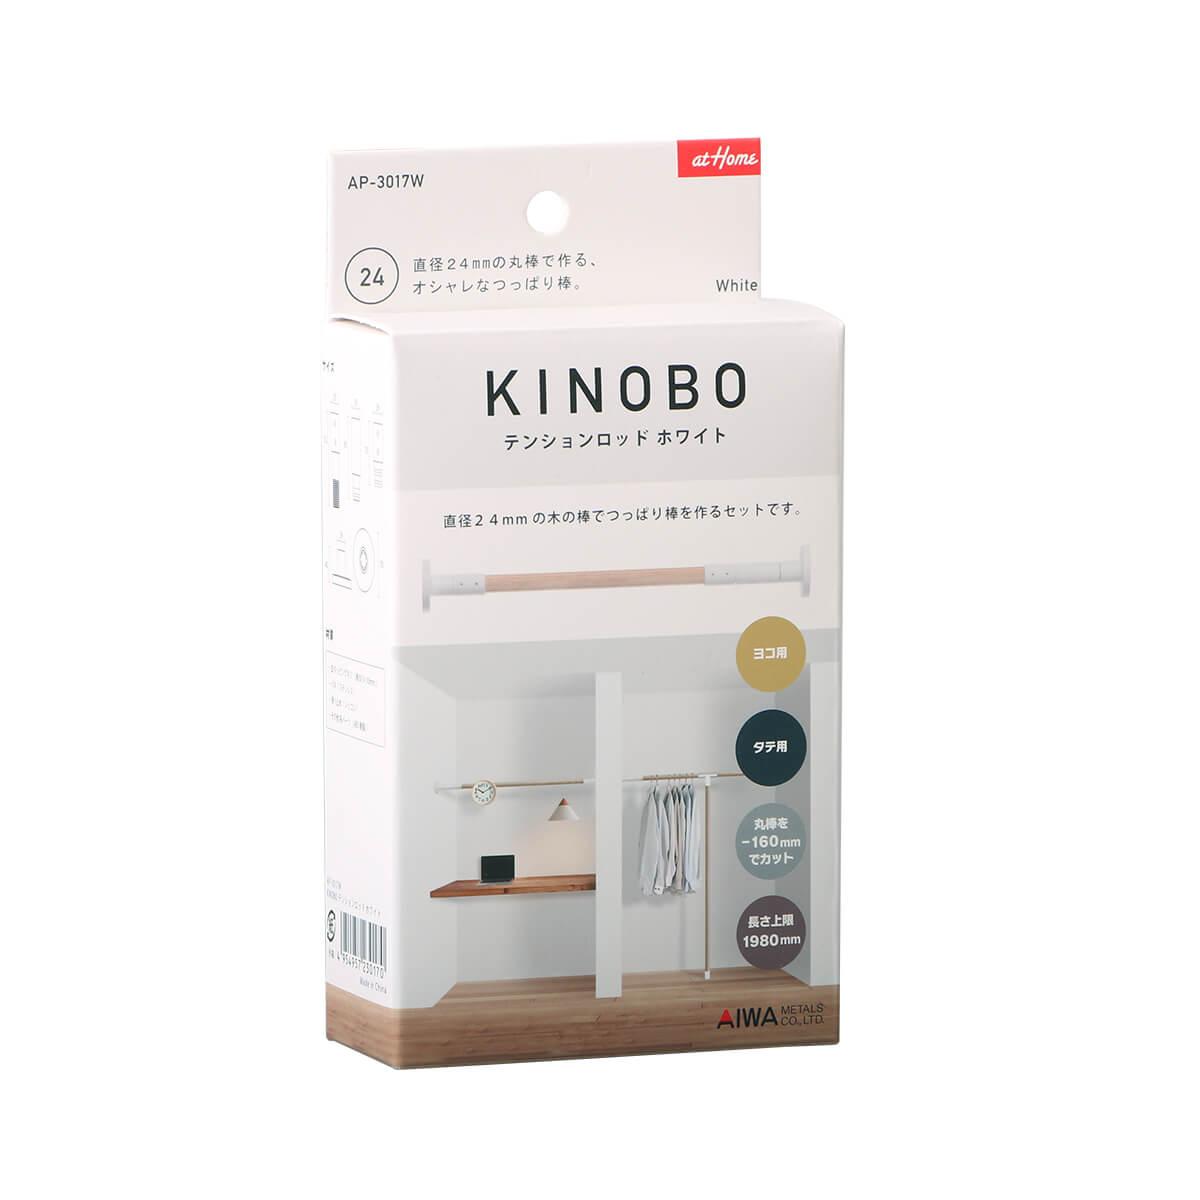 丸棒突っ張り用パーツ ホワイト Φ24 KINOBO